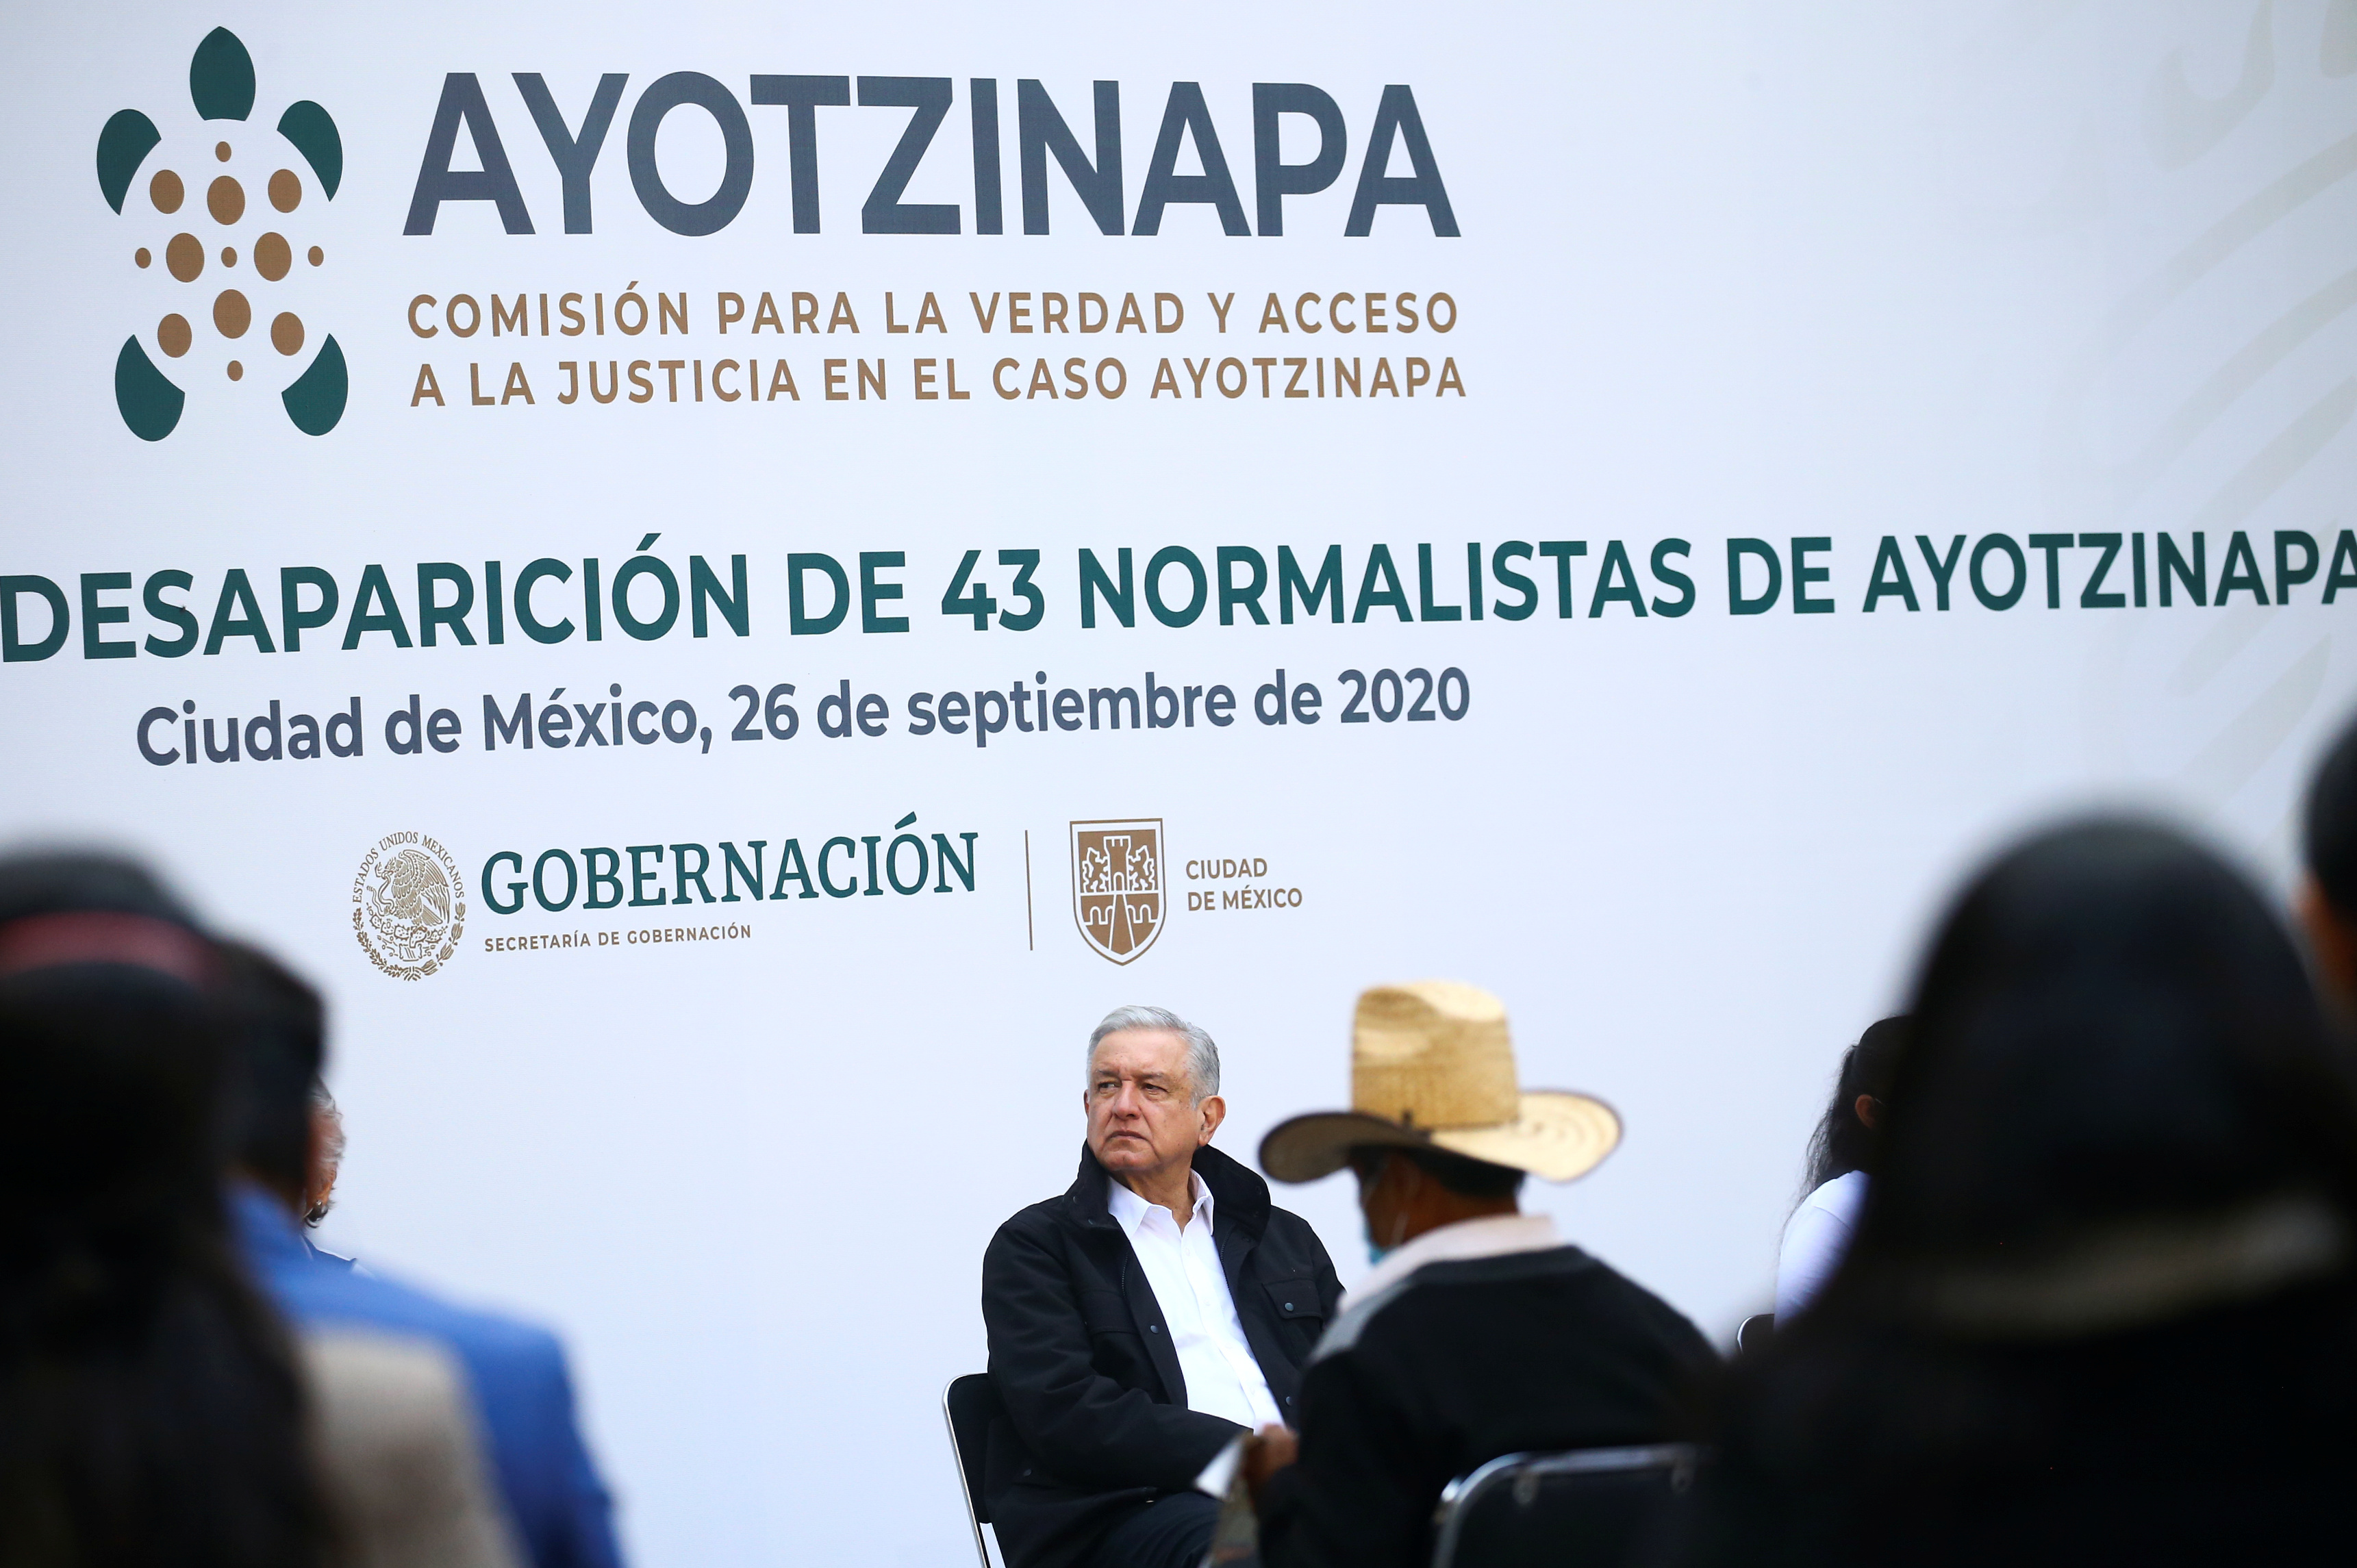 Andres Manuel López Obrador en el sexto aniversario de su desaparición, en el Palacio Nacional en la Ciudad de México, México el 26 de septiembre de 2020.